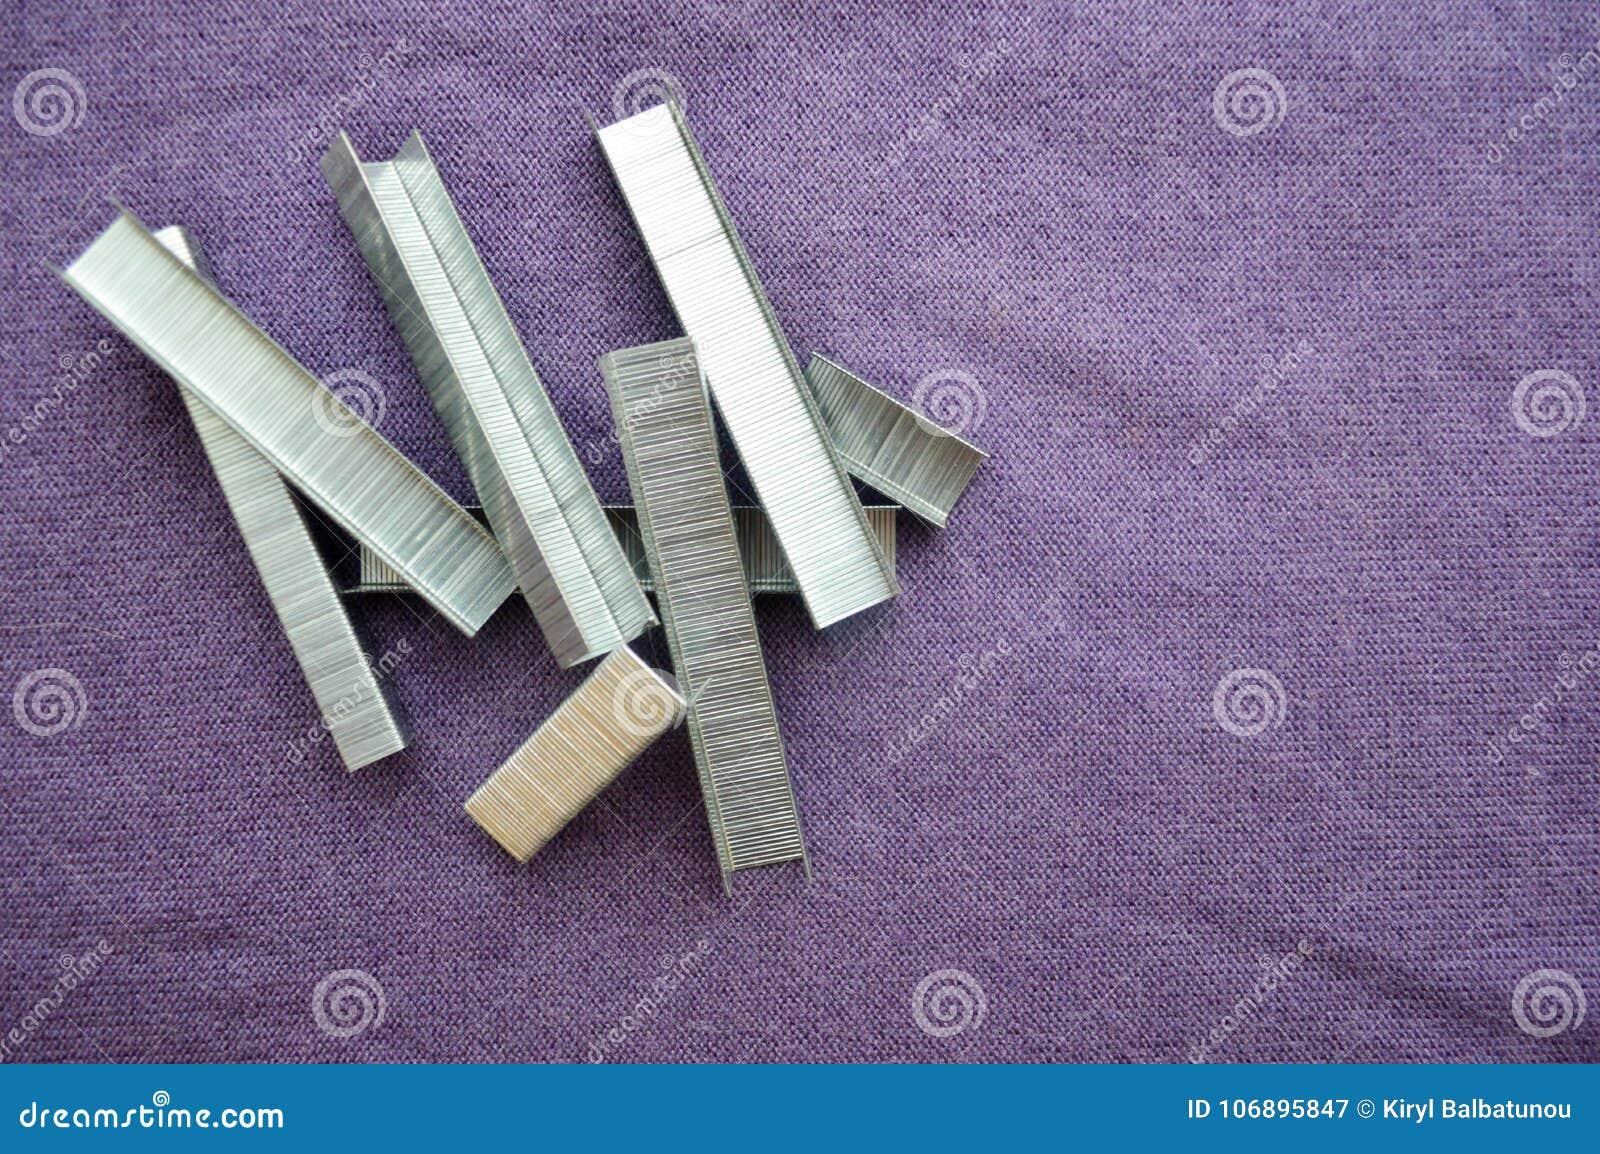 Ijzer, metaal, zilverachtige gestapelde nietjes